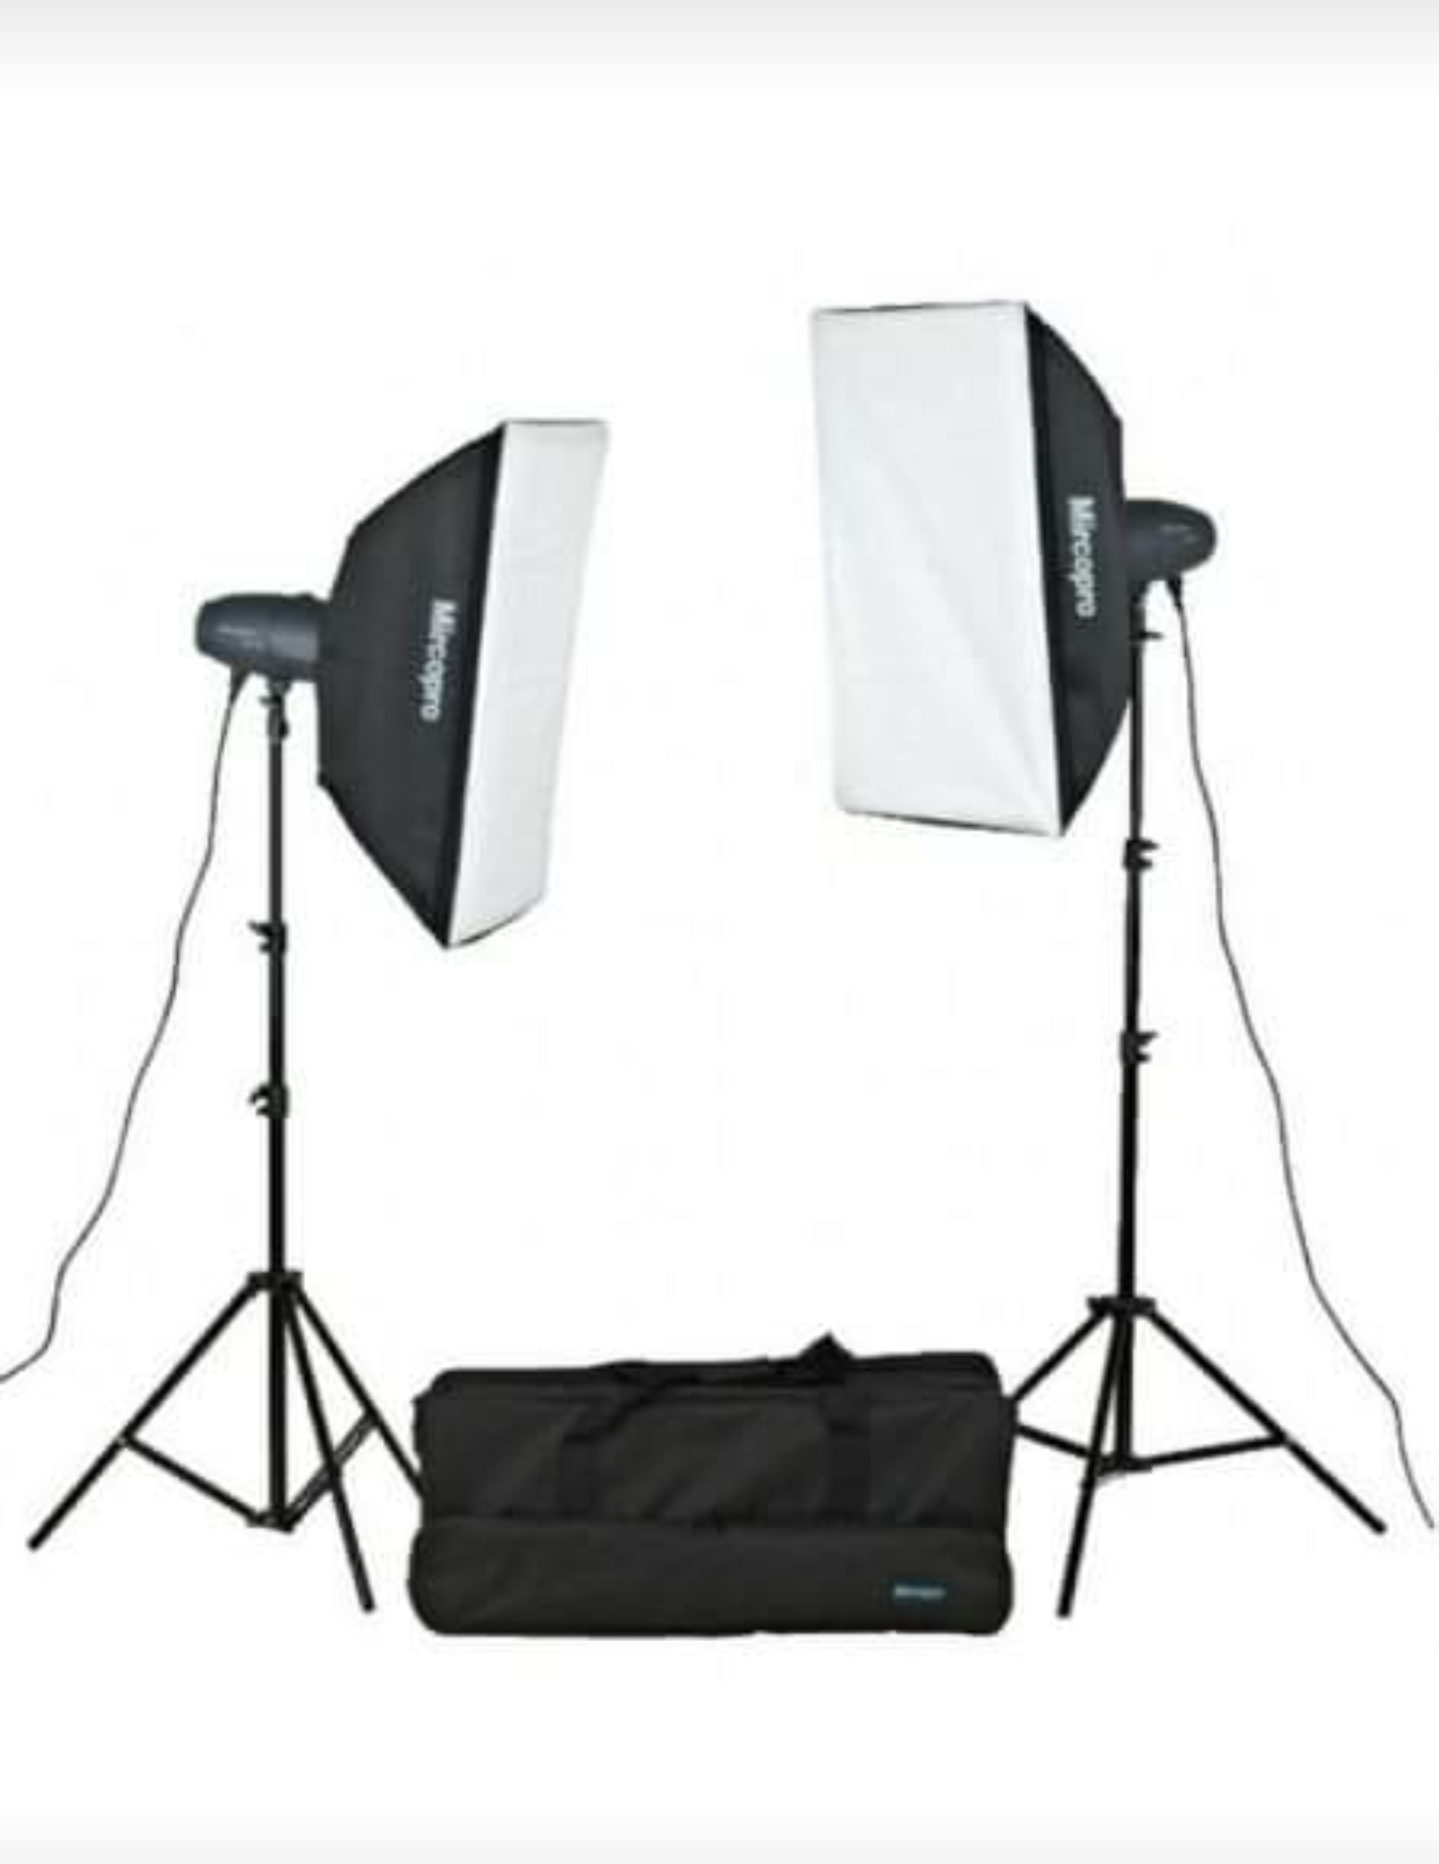 Softbox Studio Flash Kit Mircopro MQ-300S